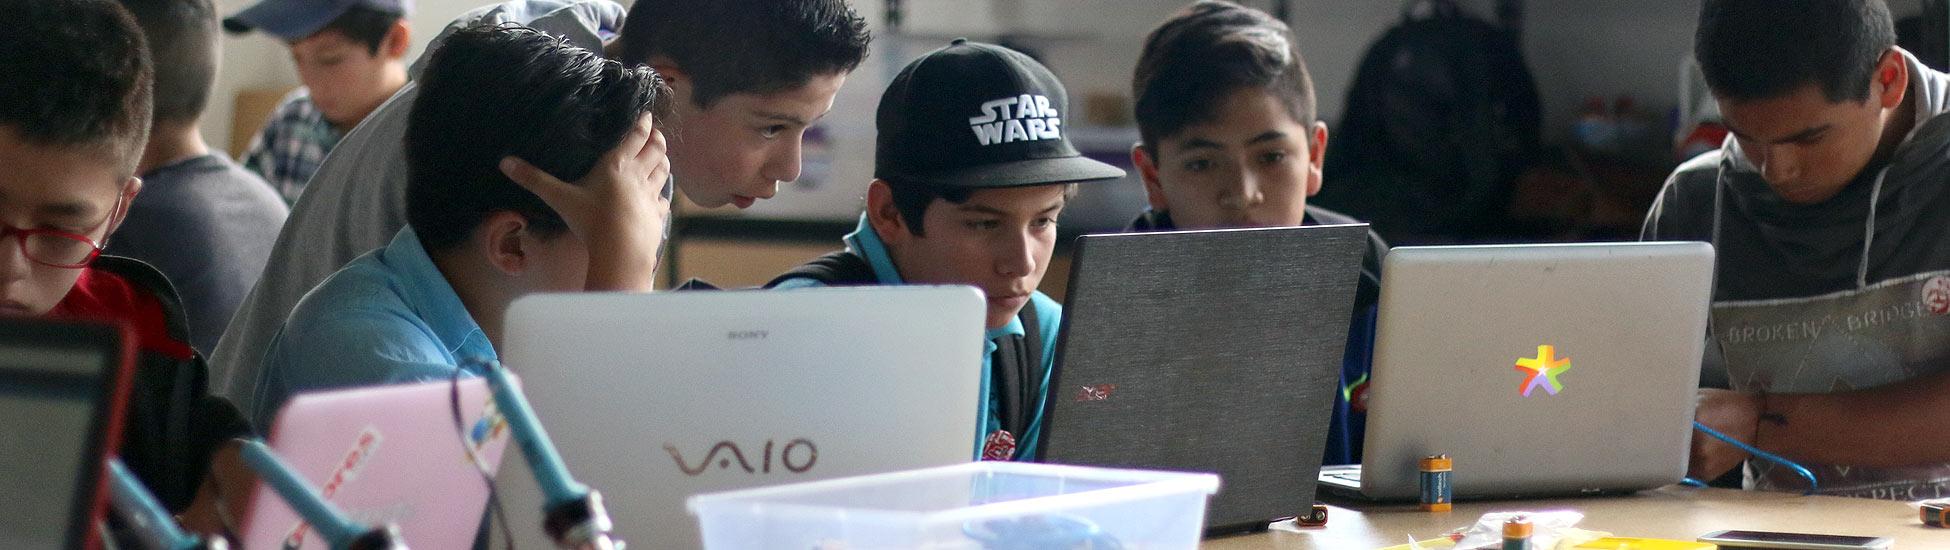 Red de Educación Maker - ¿Qué es la educación maker?